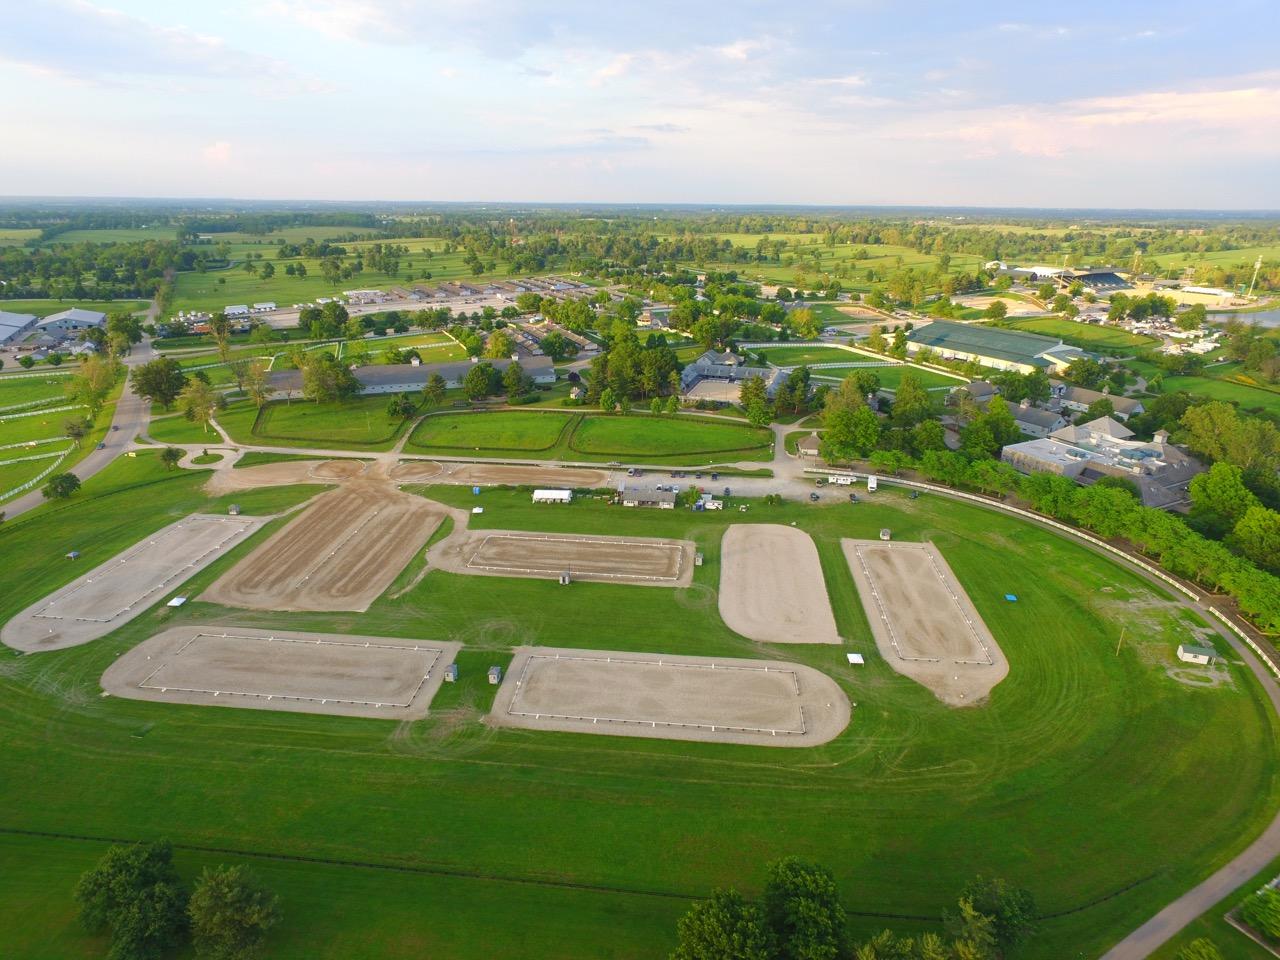 The Kentucky Horse Park Dressage Complex in Lexington Kentucky